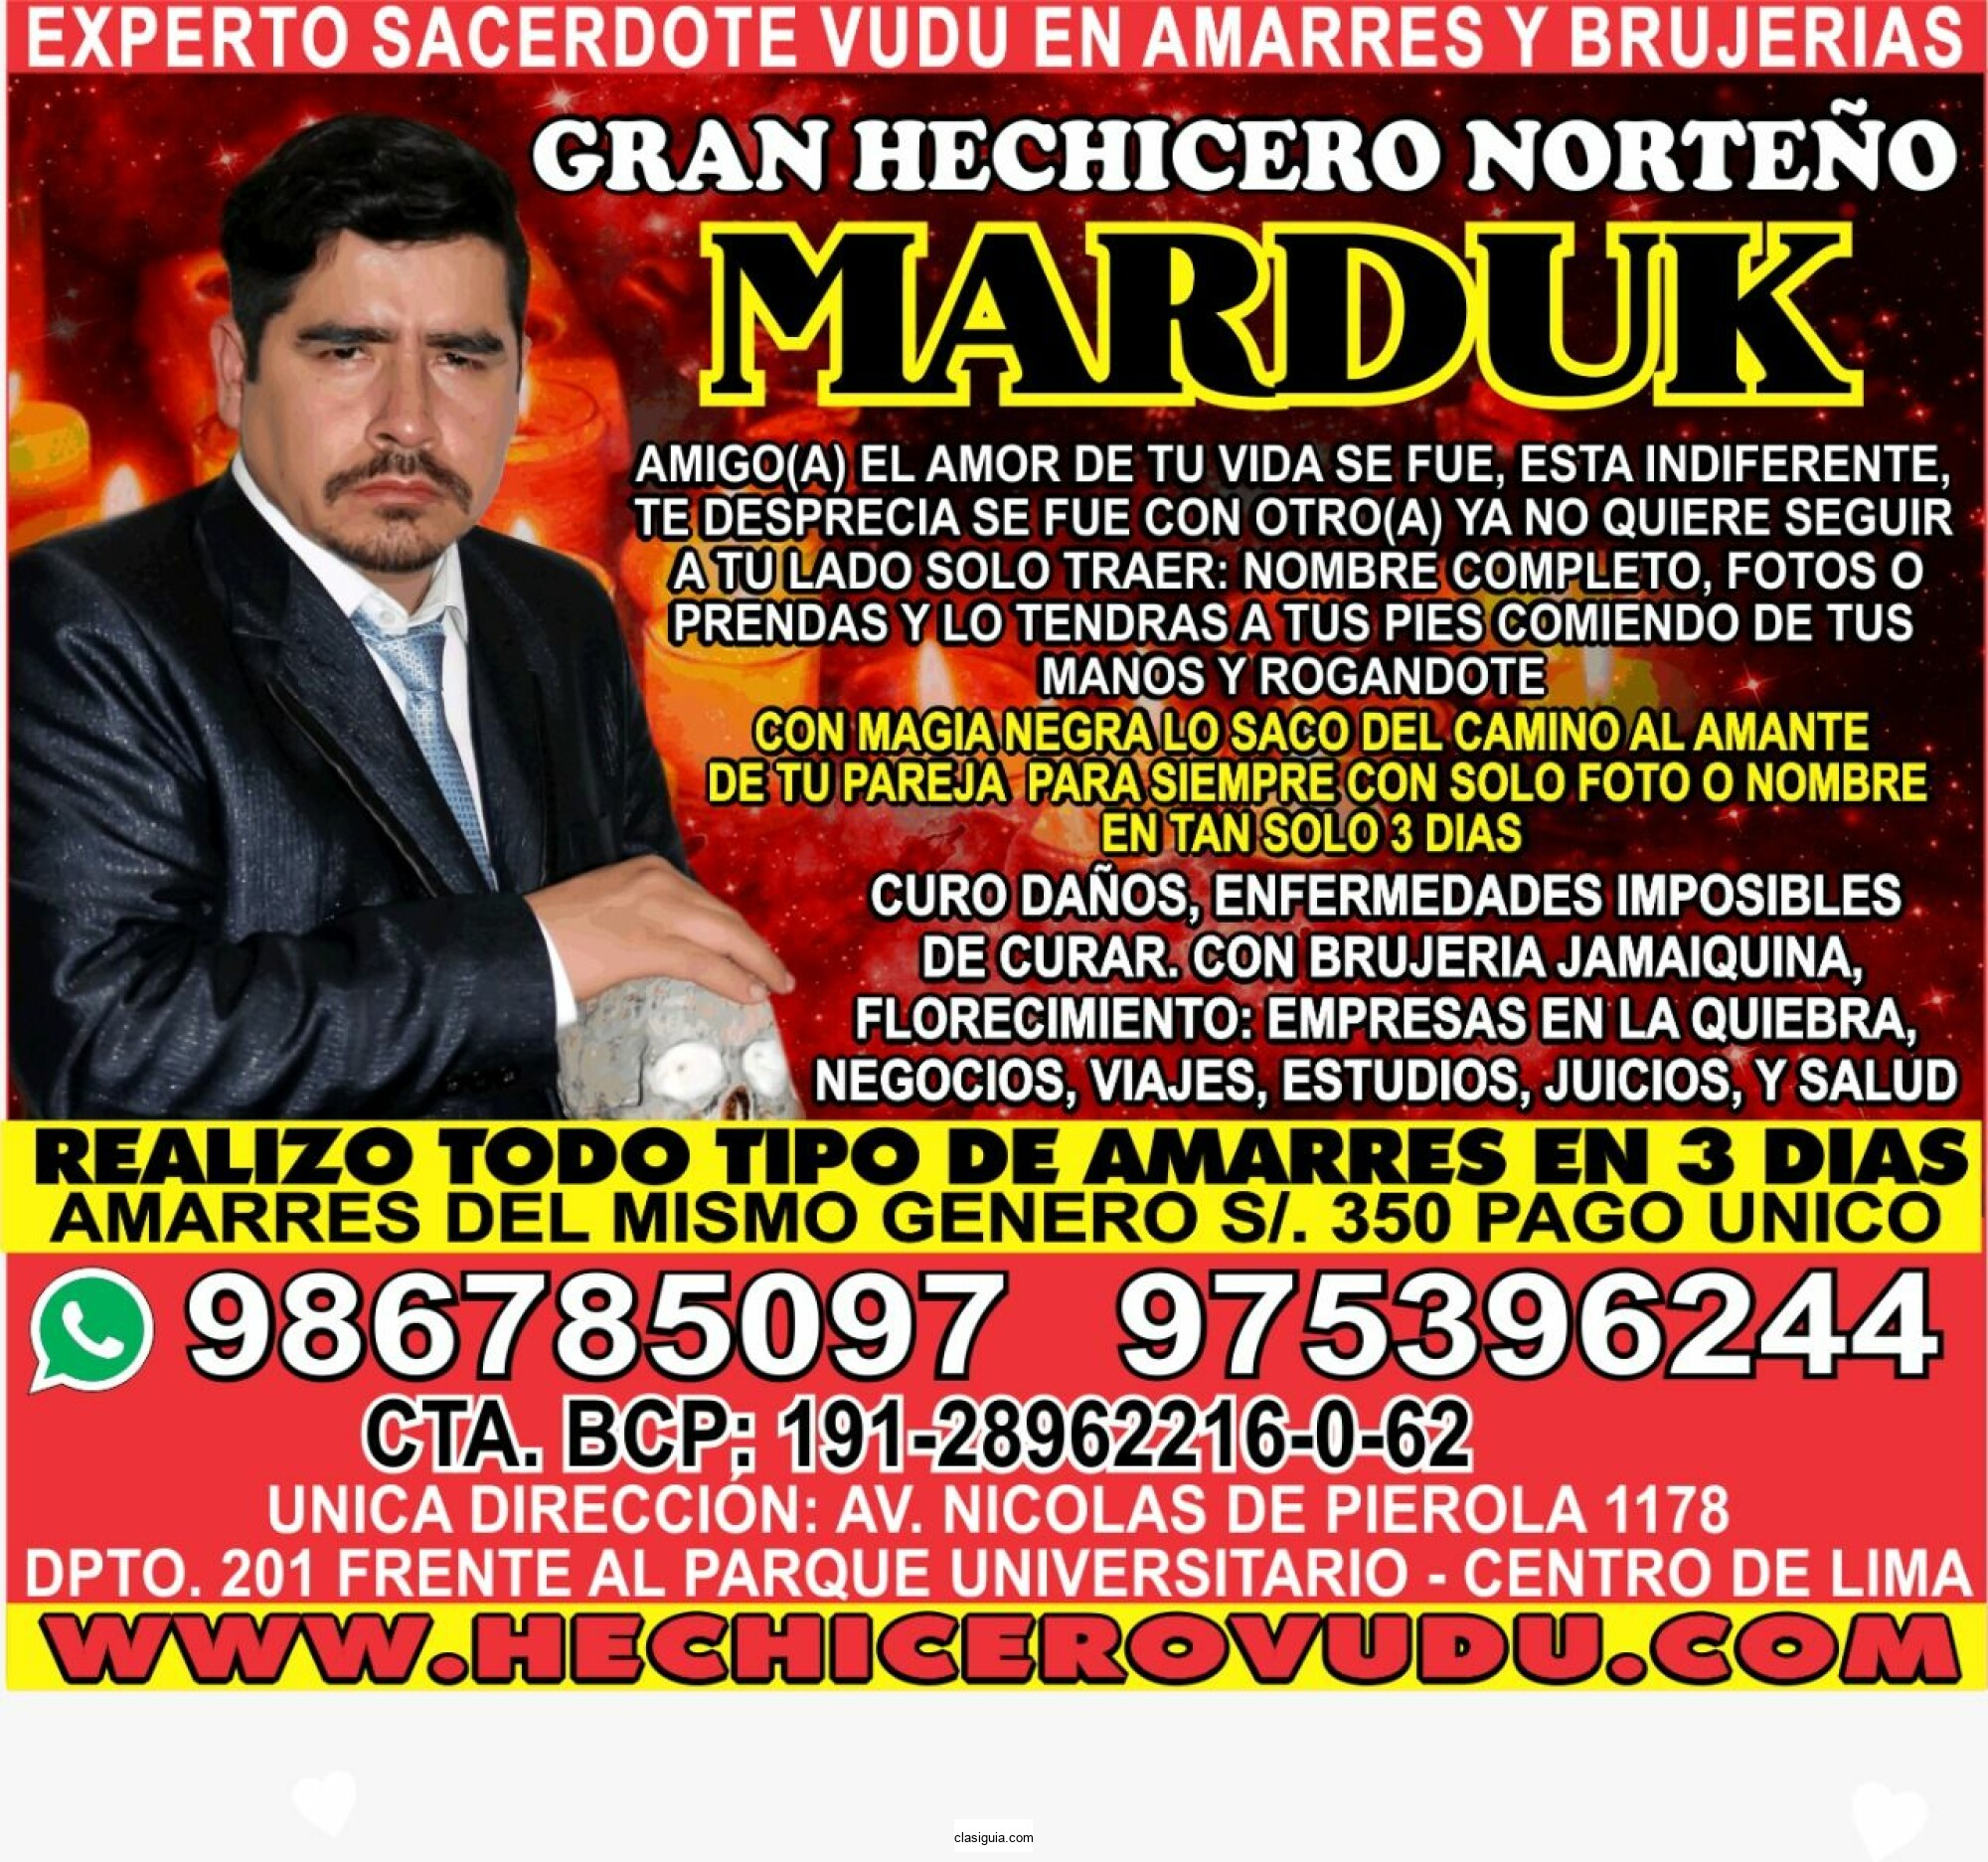 MAESTRO MARDUK SANTERO